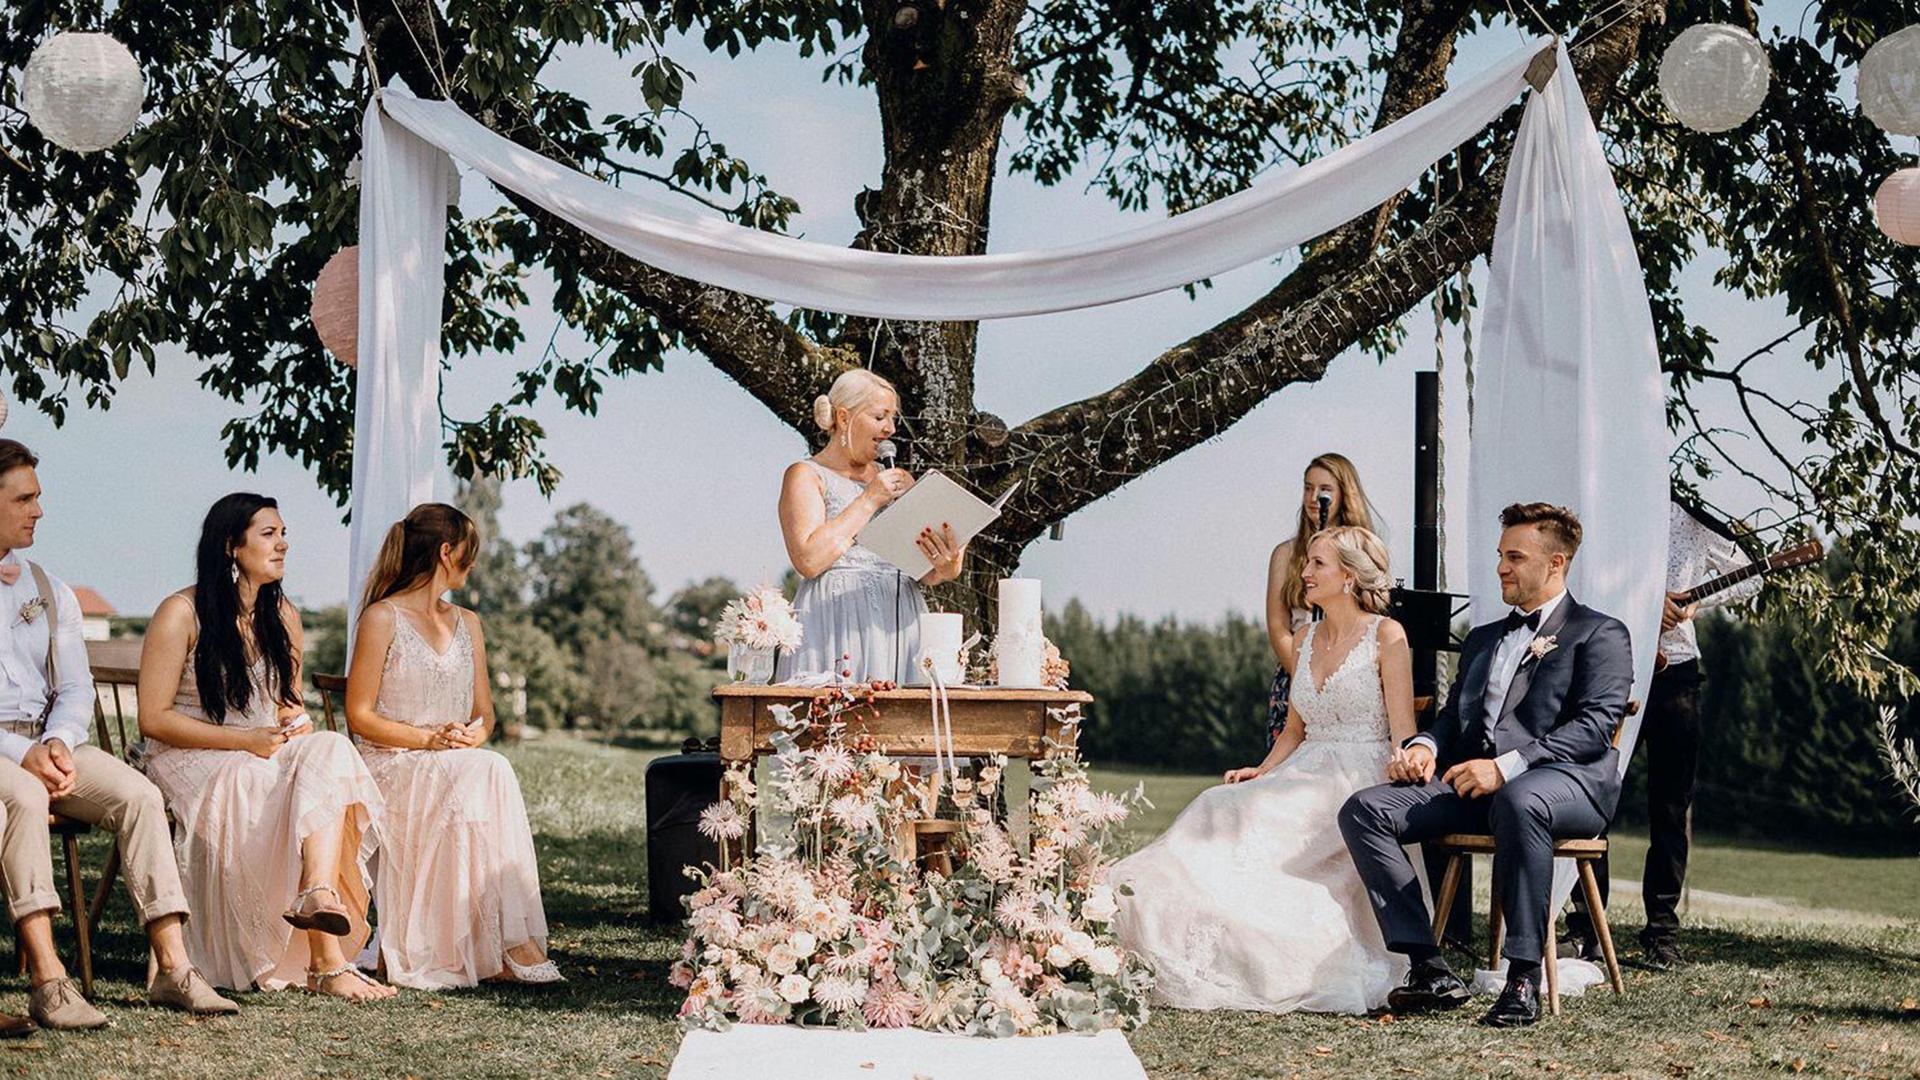 Eva Fassl die Hochzeitsrednerin - Ice-Wedding.at 1